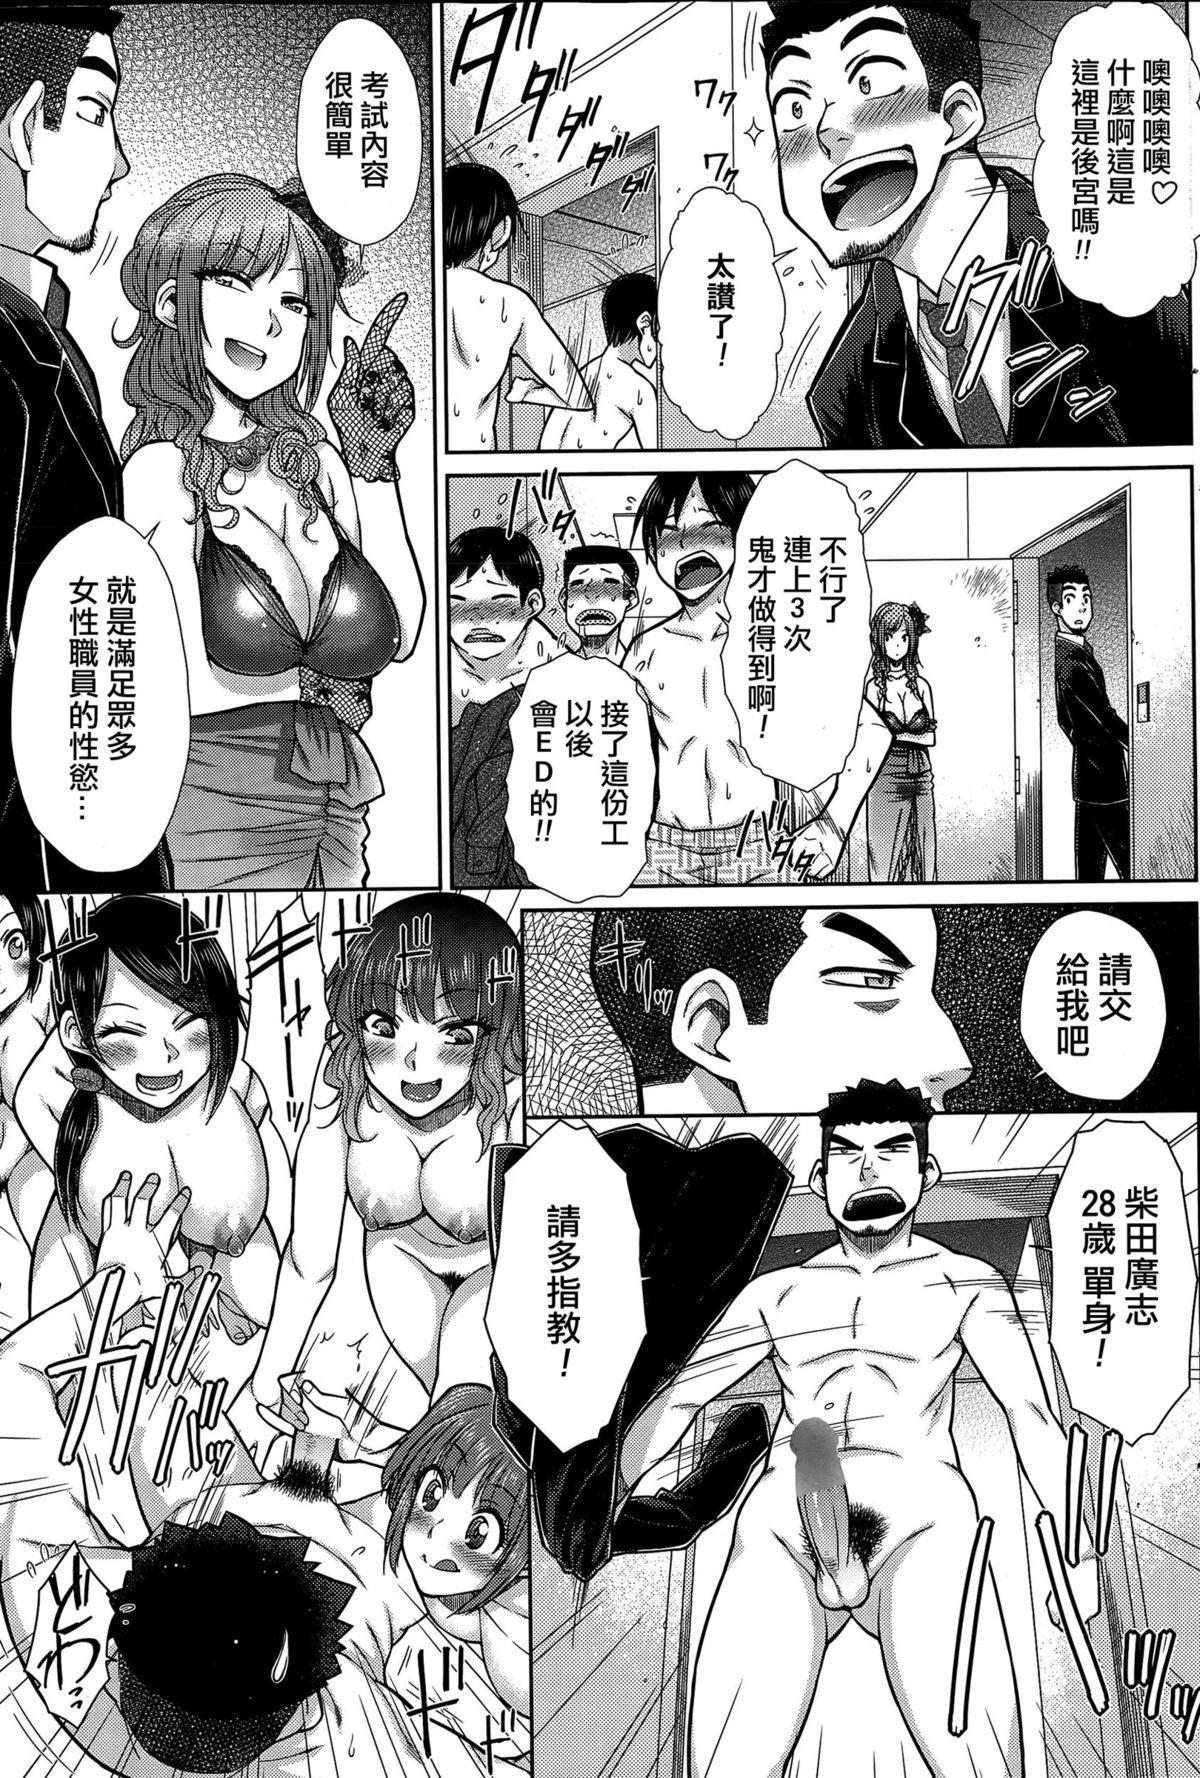 Zetsurin Danshi no Harem Seikatsu Ch. 1-5 4